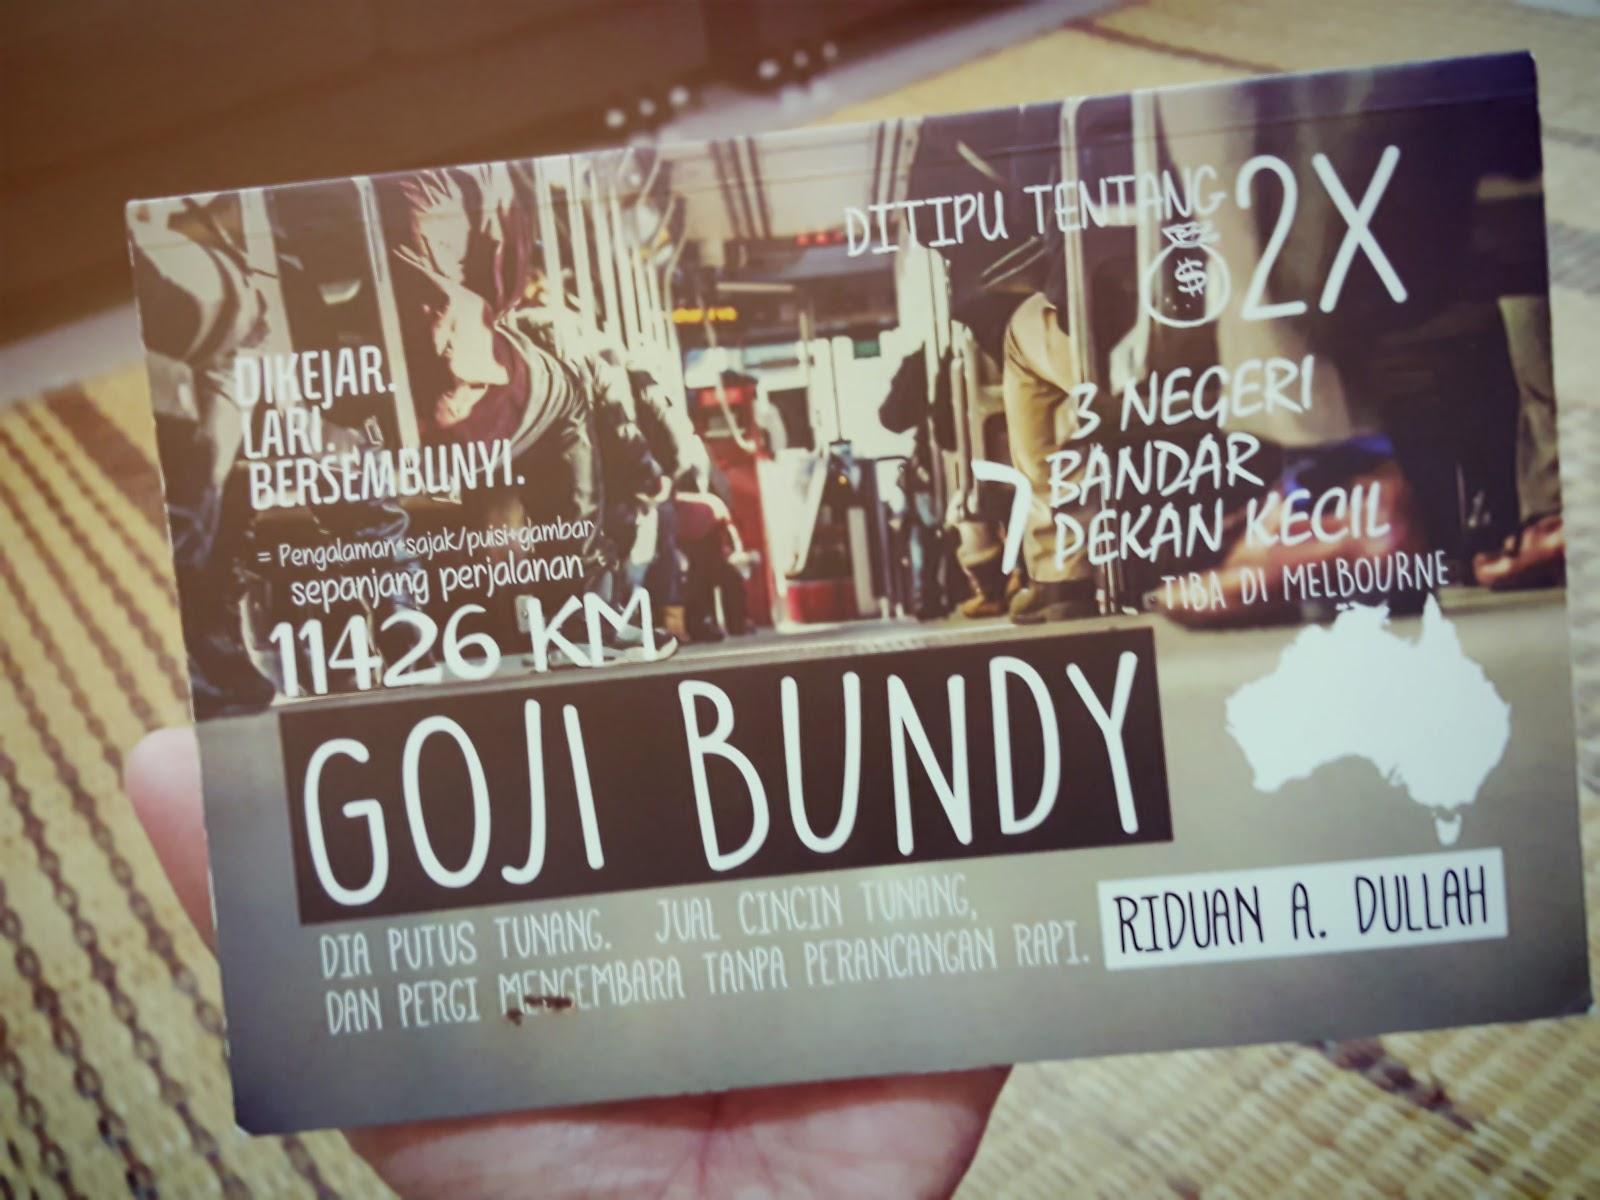 Goji Bundy